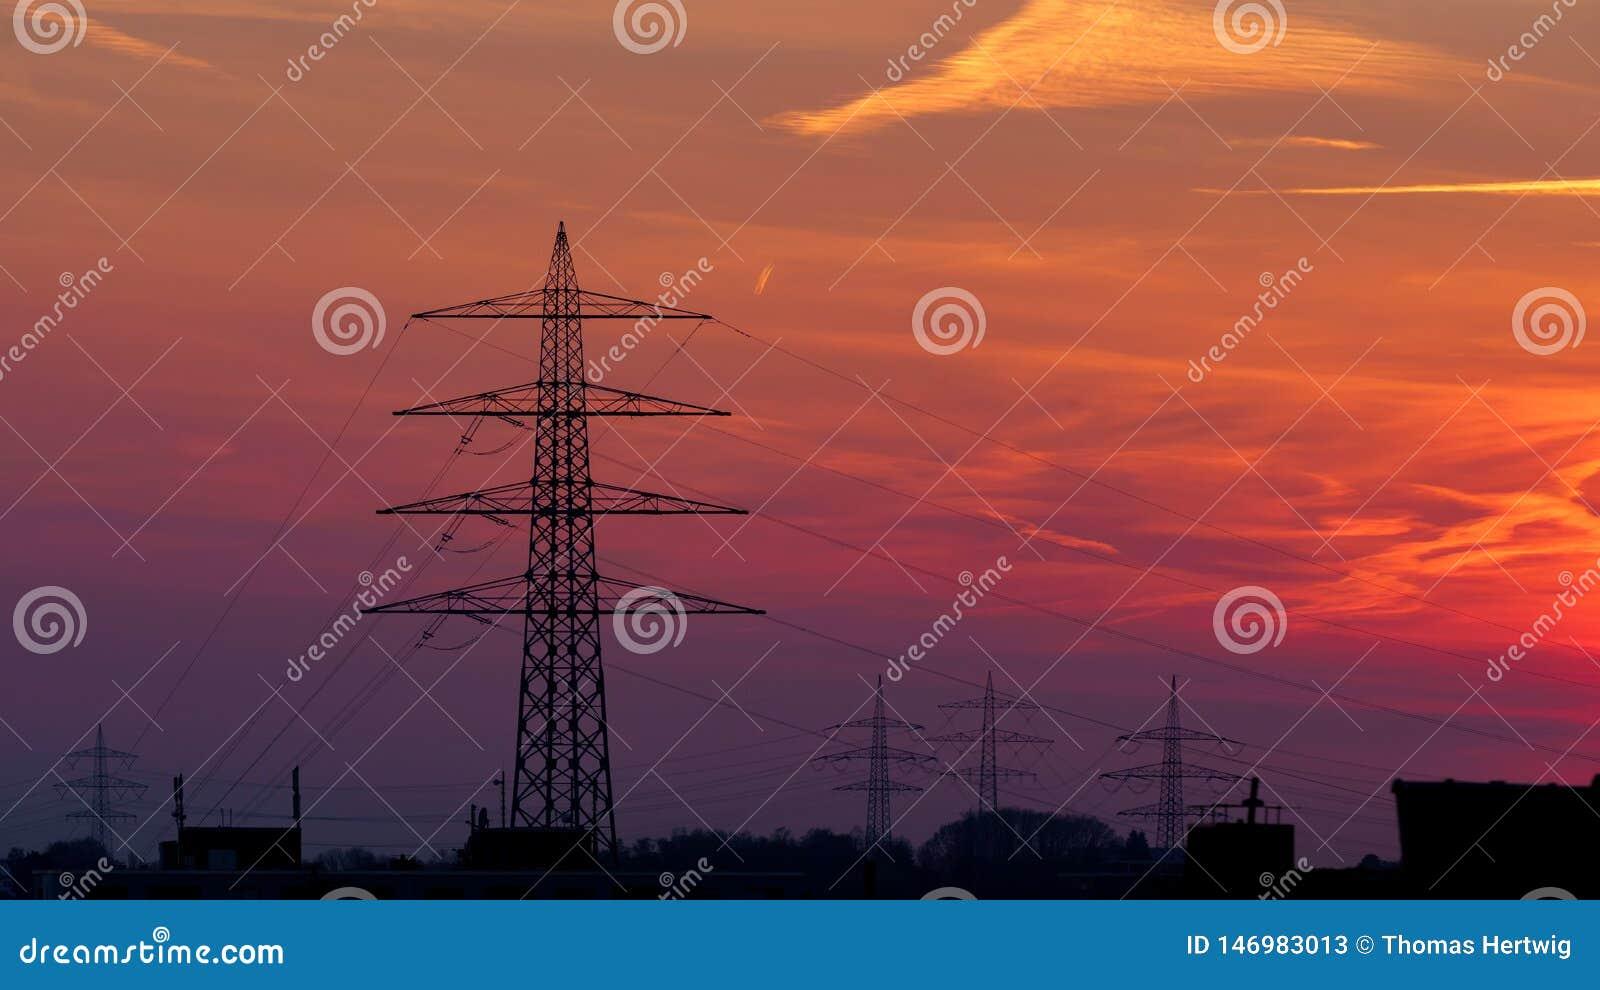 Elektriciteits Pylon silhouet over dramatische oranje zonsonderganghemel